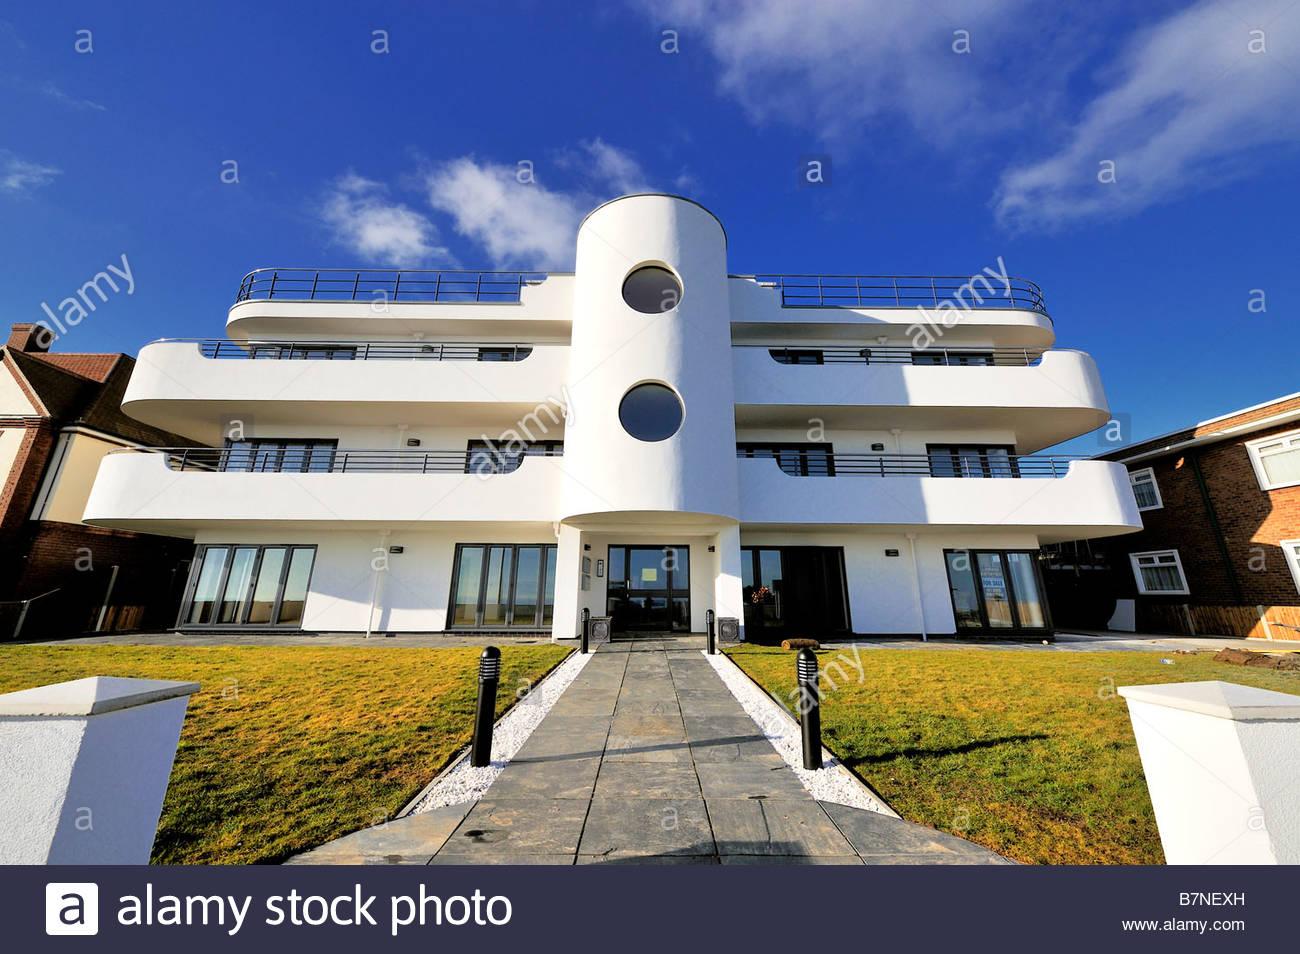 Un nuevo bloque de pisos en Frinton-on-Sea construido en el estilo Art Decó Imagen De Stock